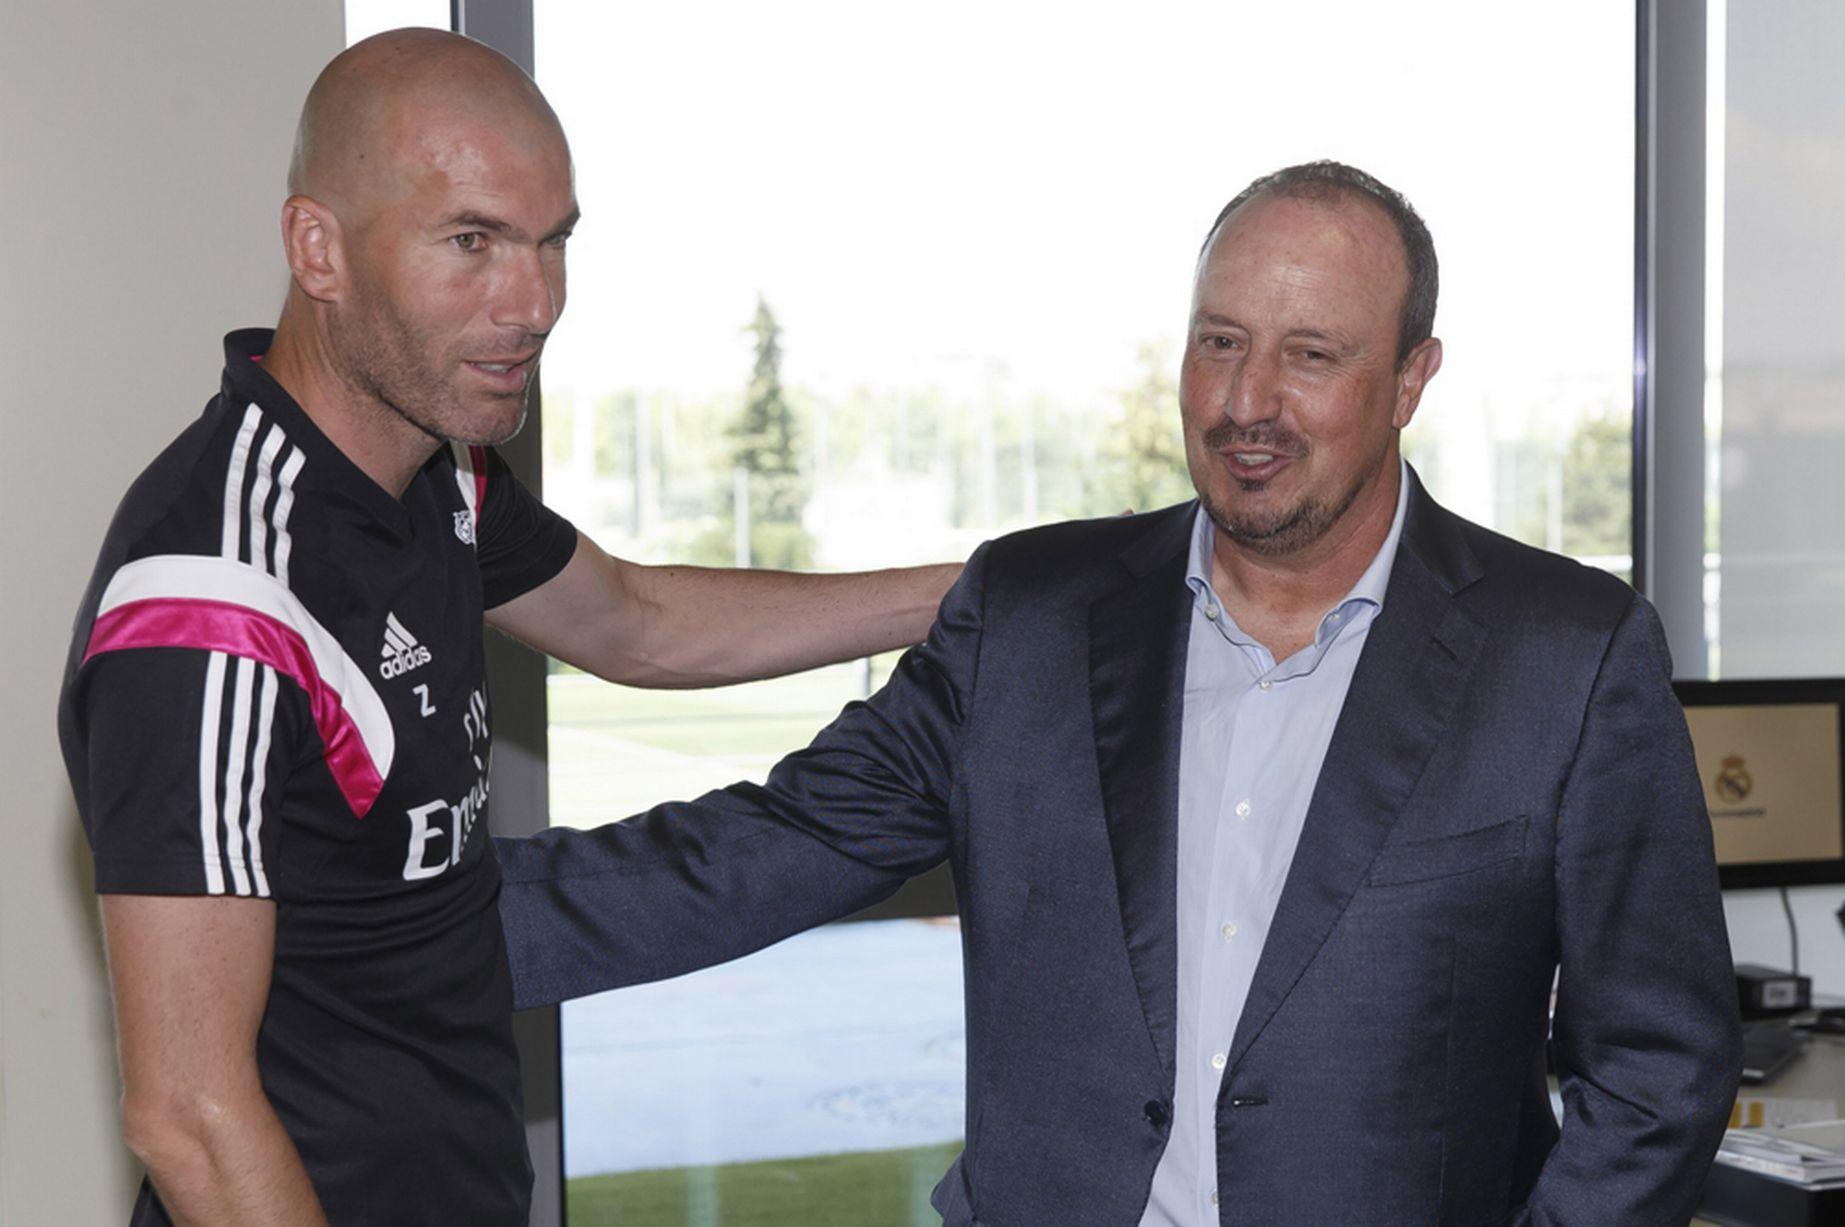 La posizione di Benitez è in dubbio. Come successore si parla di Zinedine Zidane.